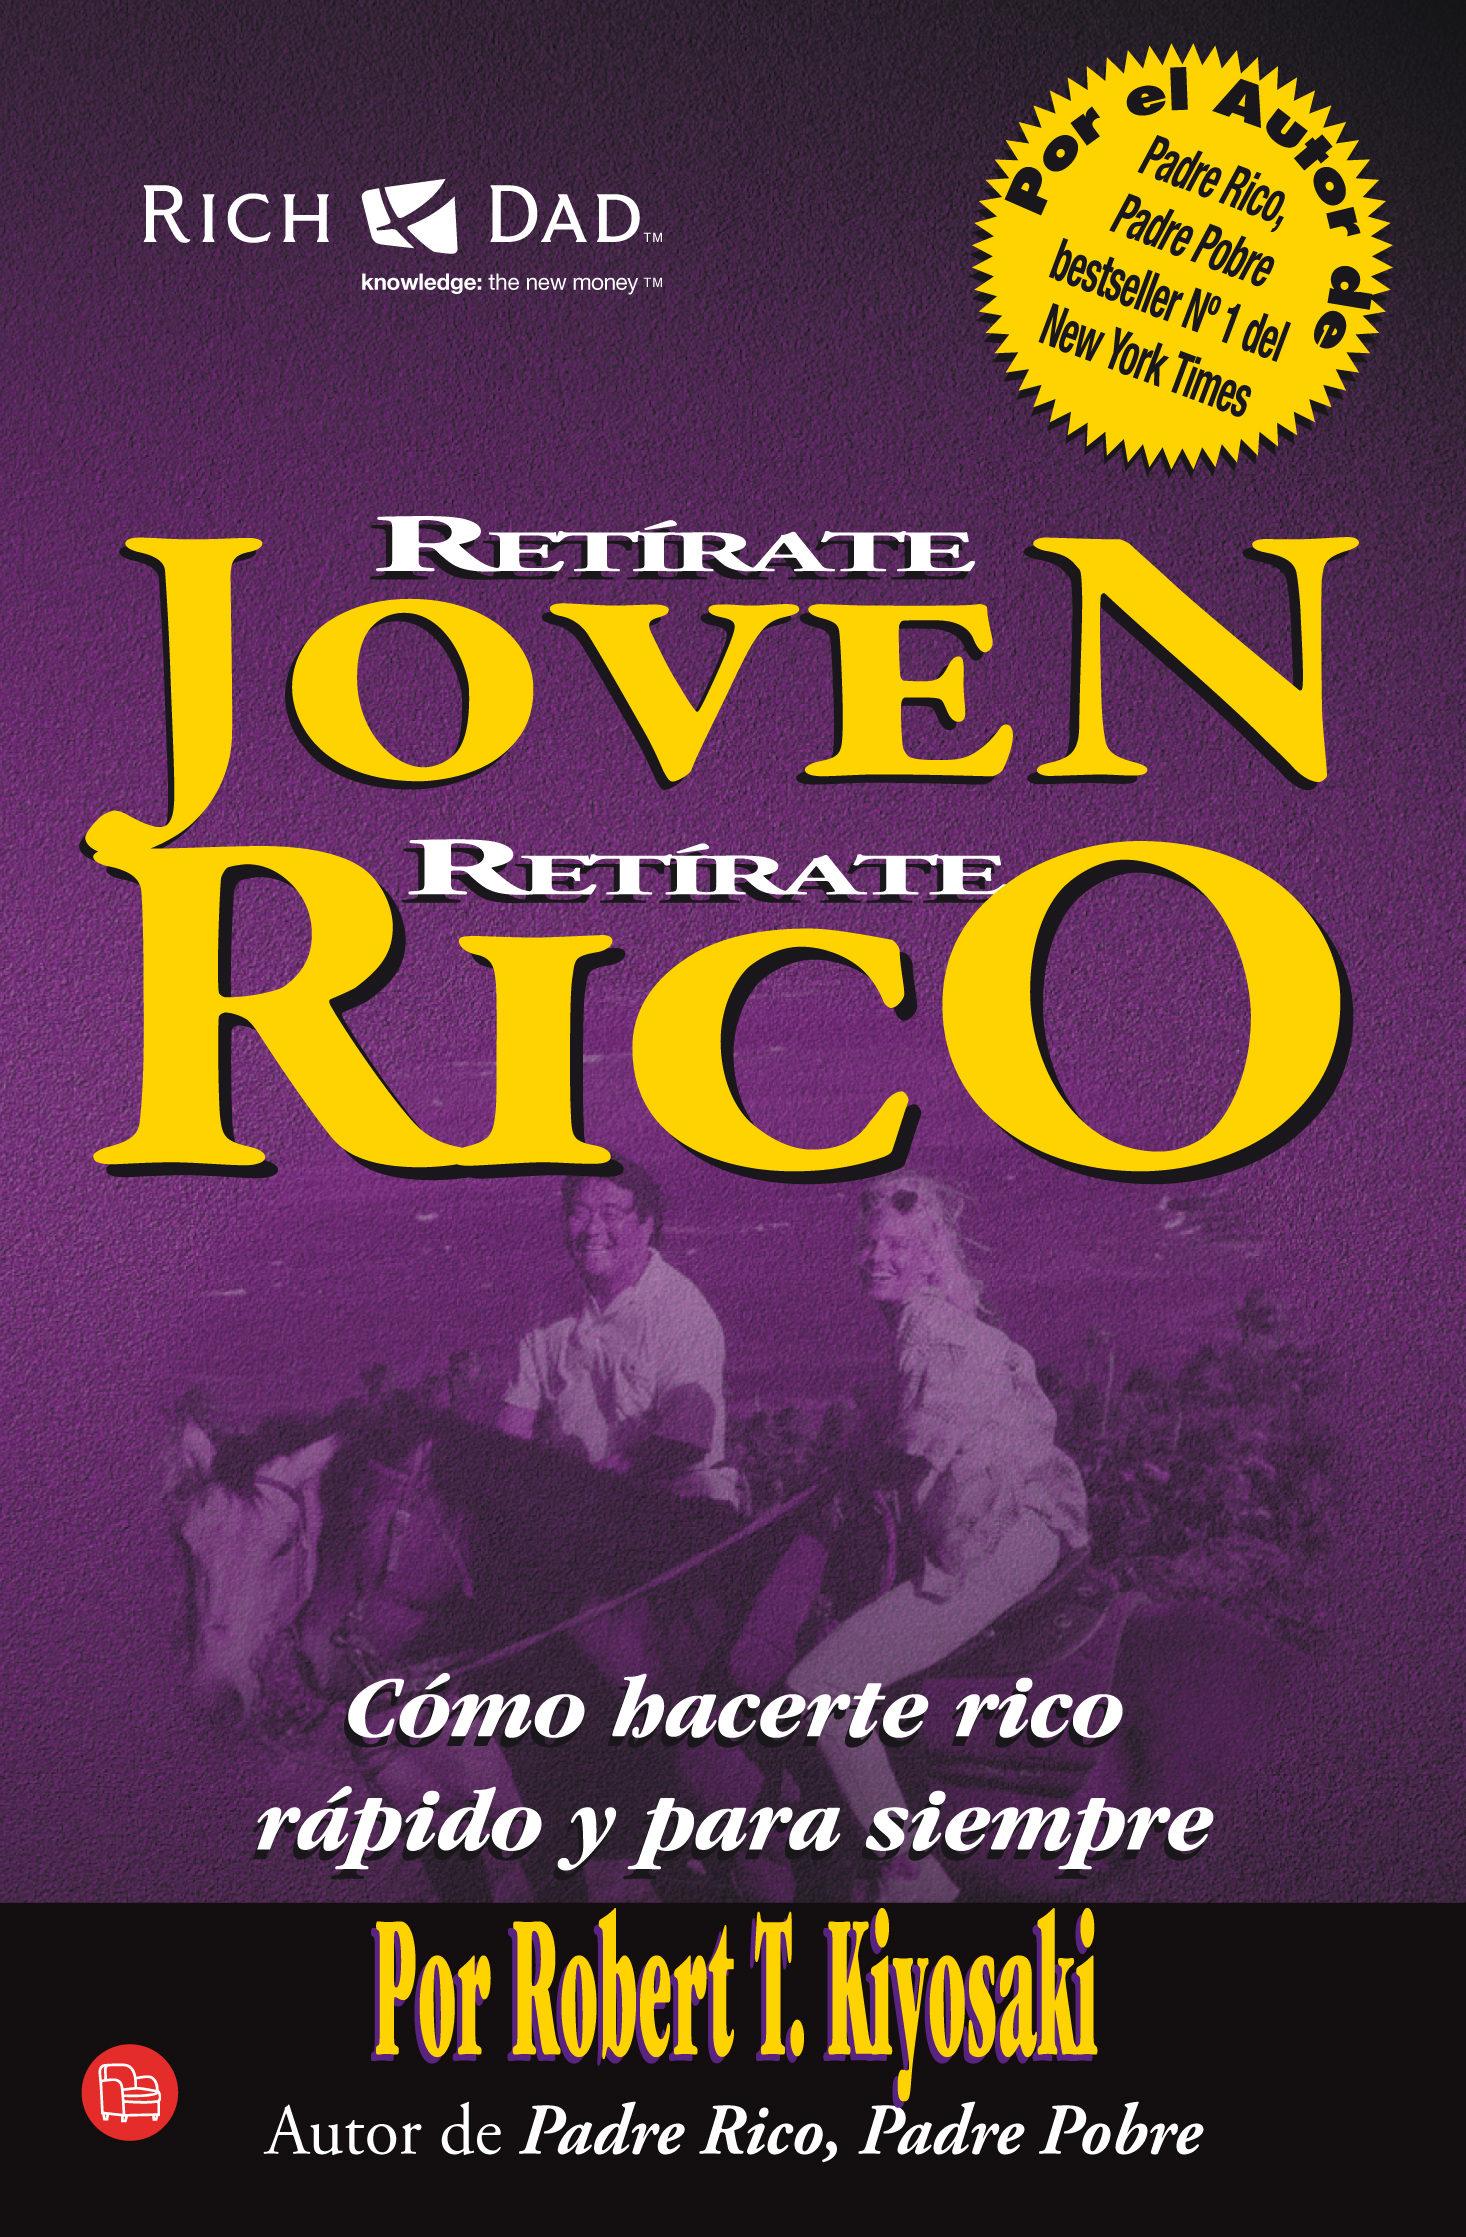 10 libros para empezar a manejar las finanzas personales, Retirate Joven y Rico.